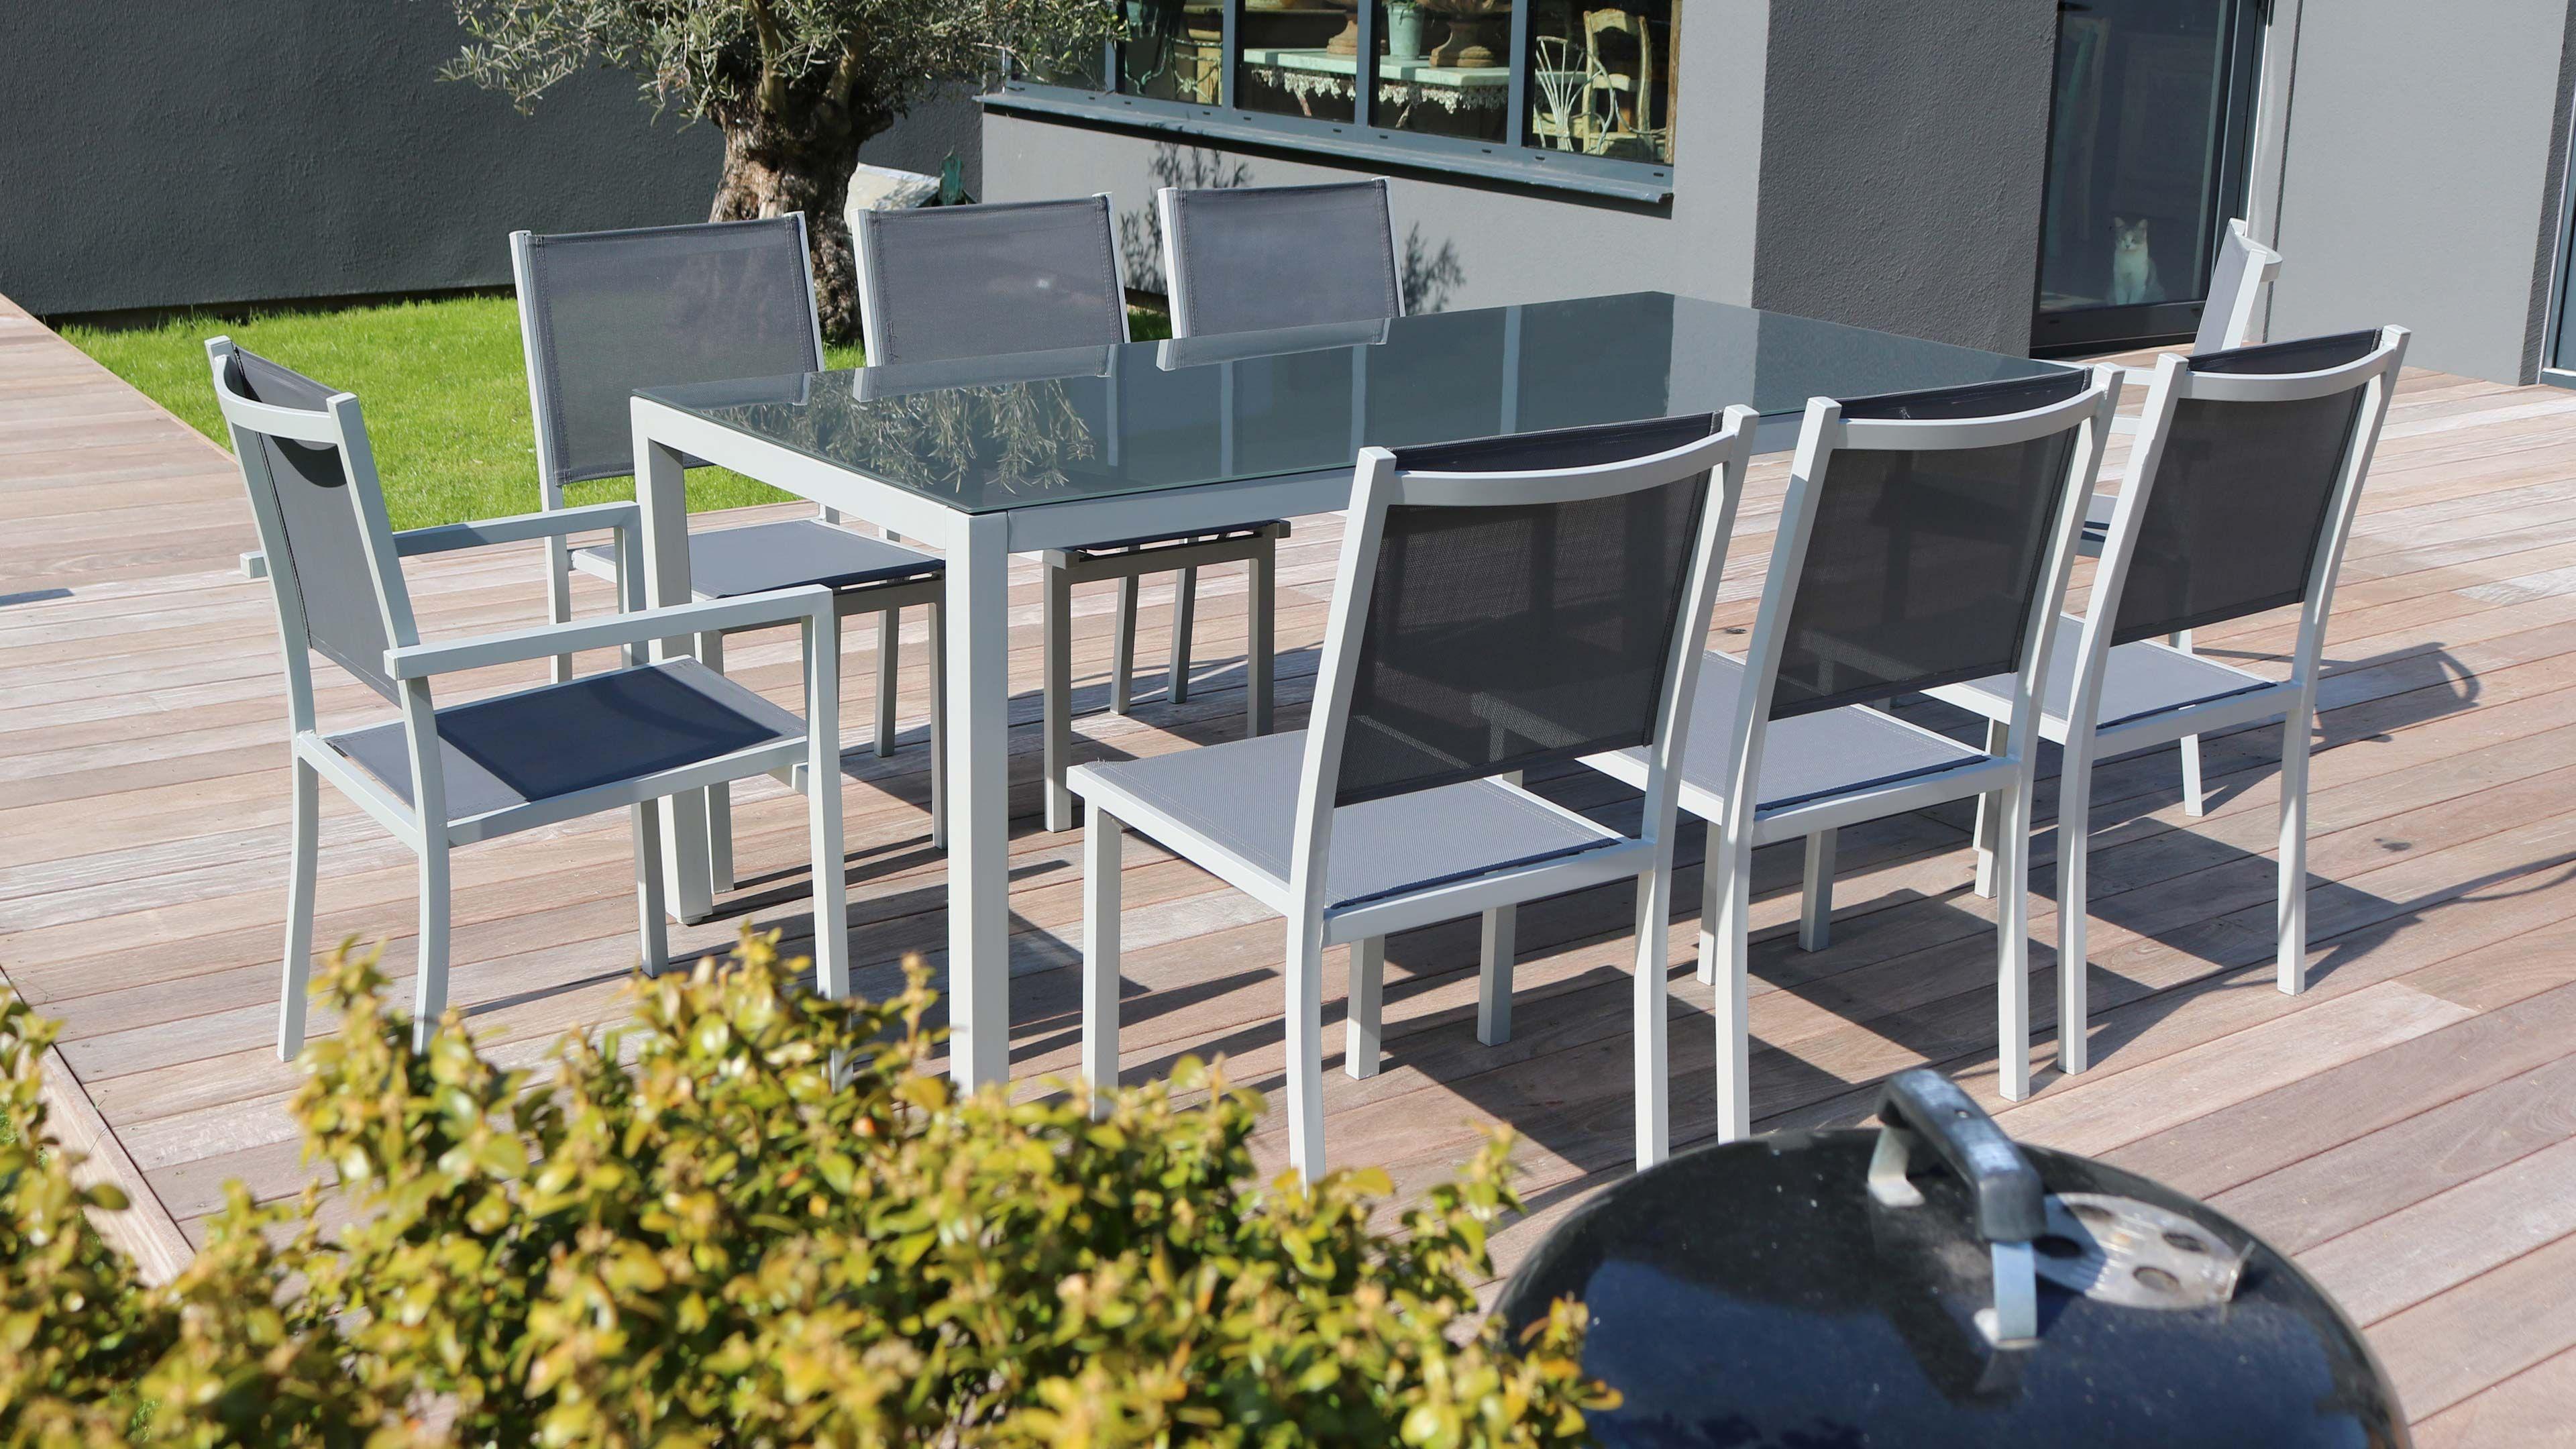 Salon De Jardin Aluminium Table De Jardin 8 Places intérieur Table De Jardin En Aluminium